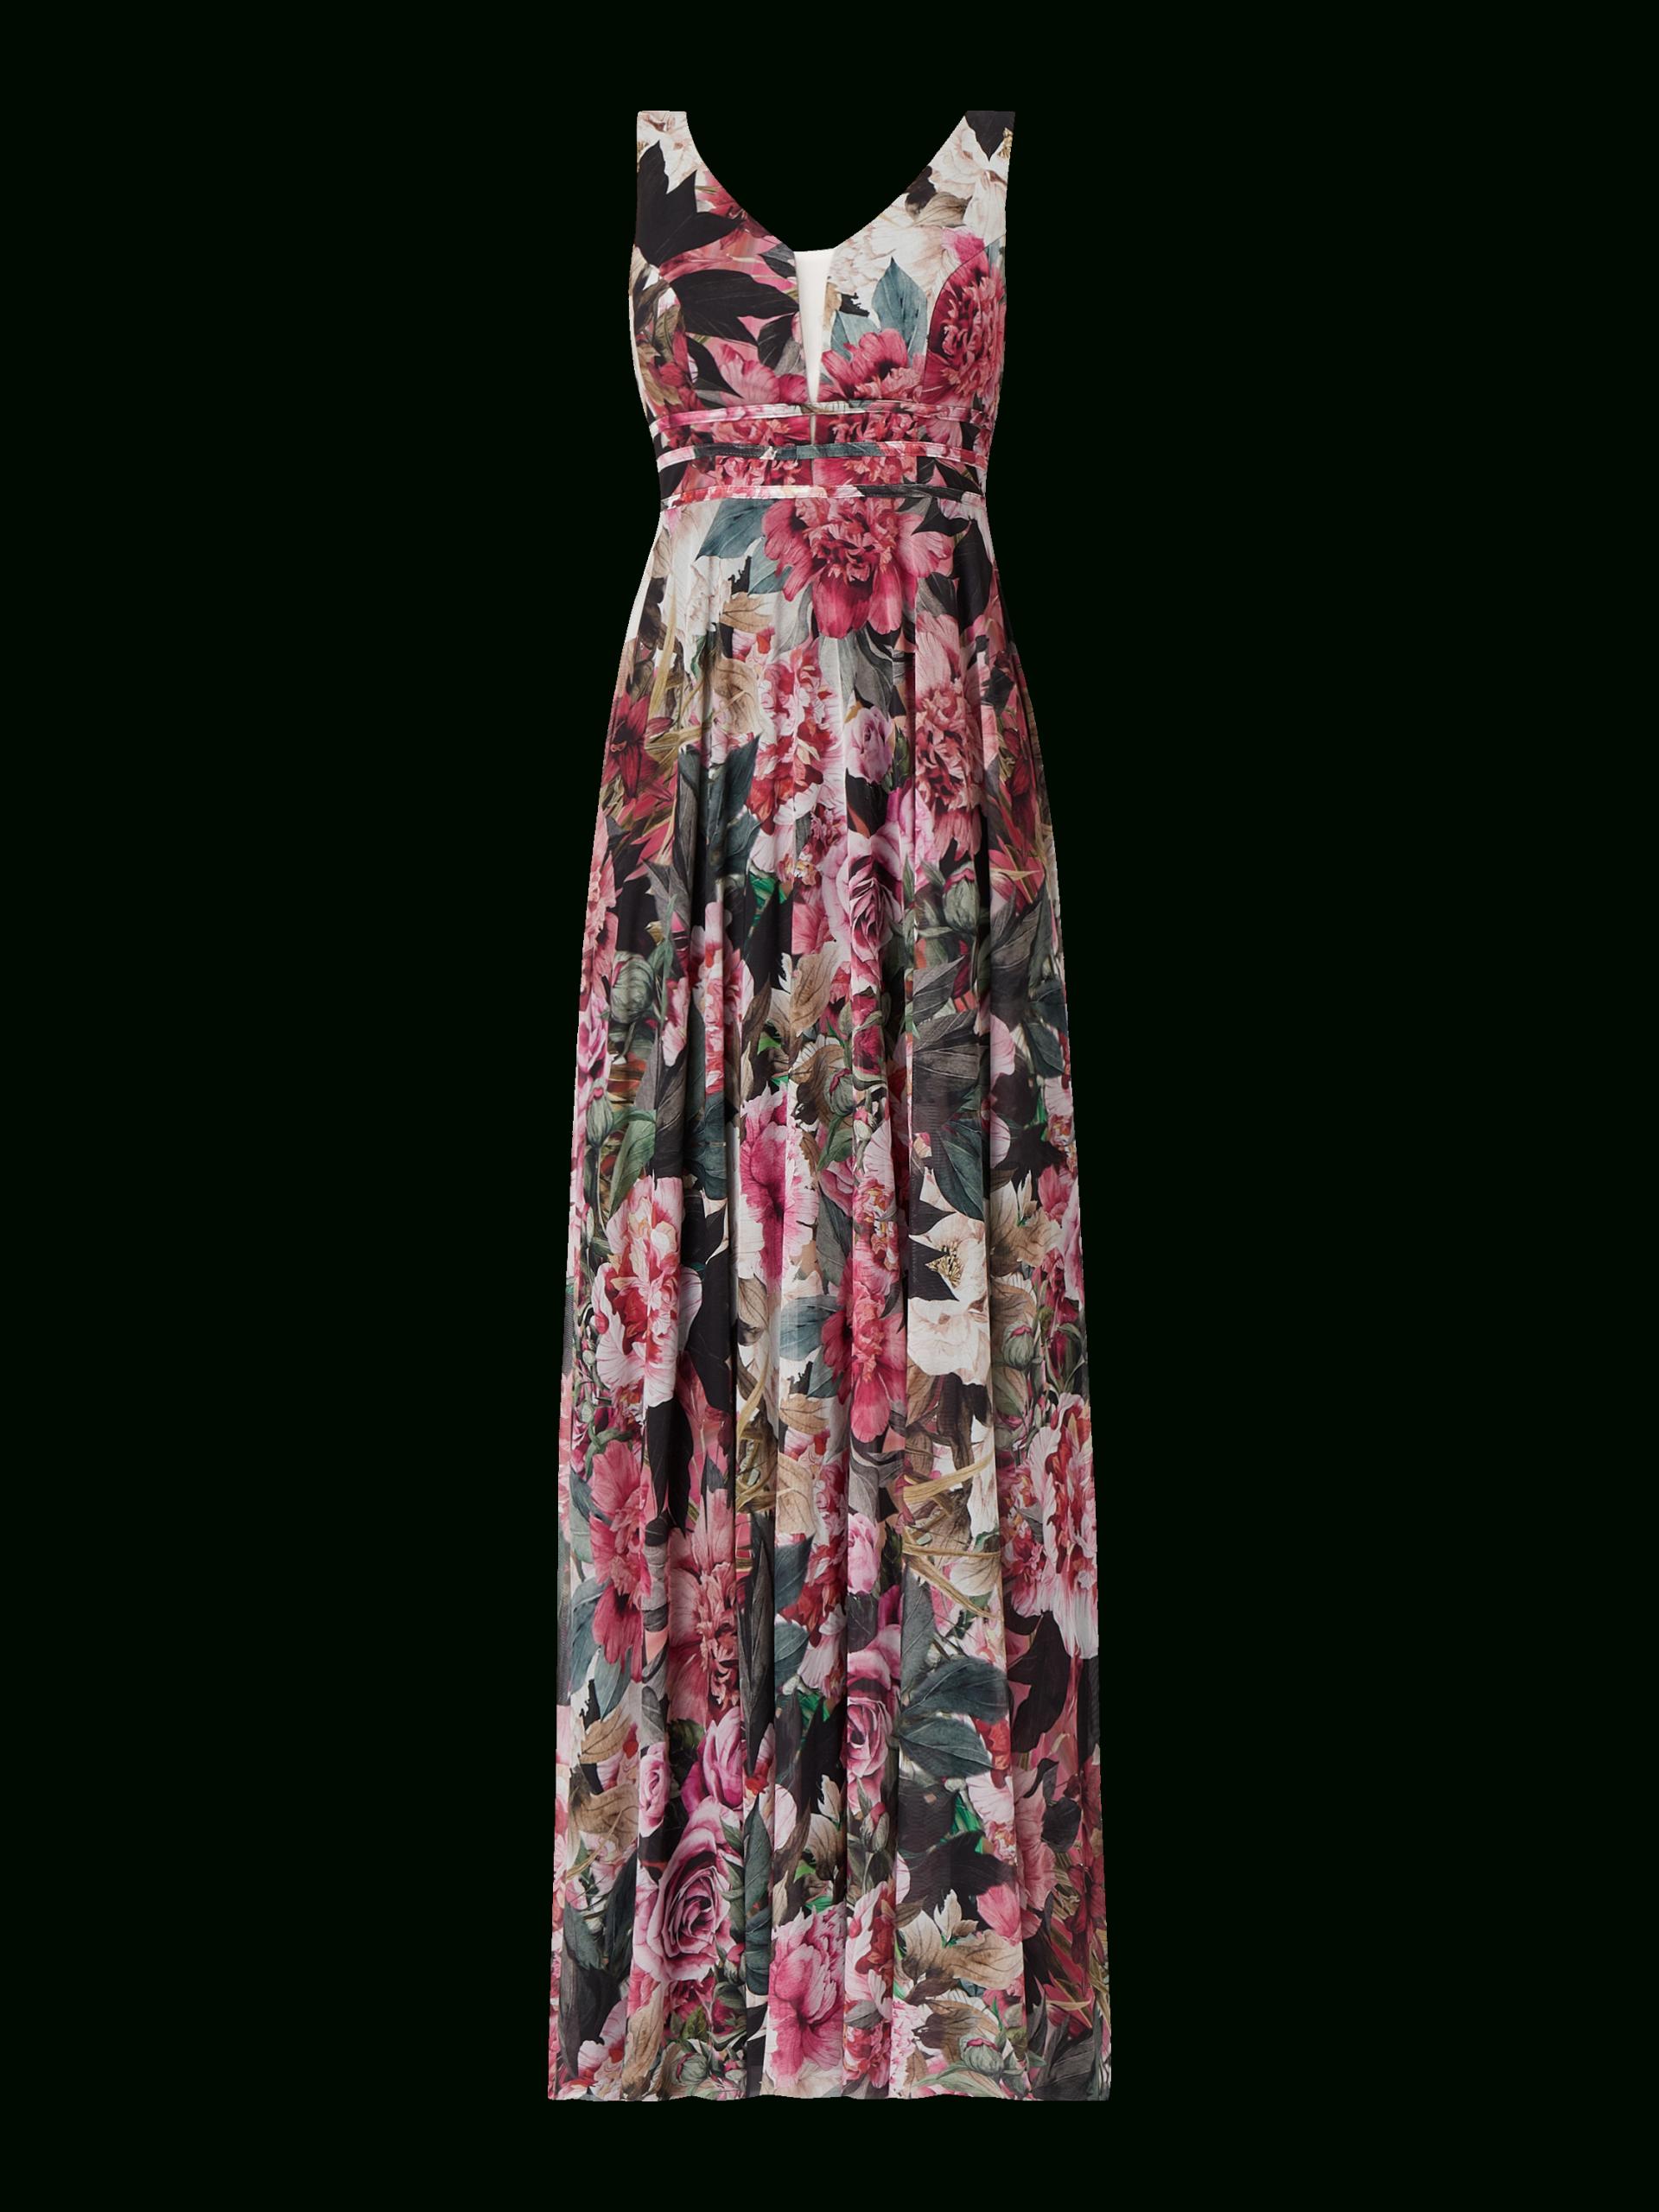 Designer Coolste Troyden Abendkleid für 2019Abend Luxus Troyden Abendkleid Bester Preis